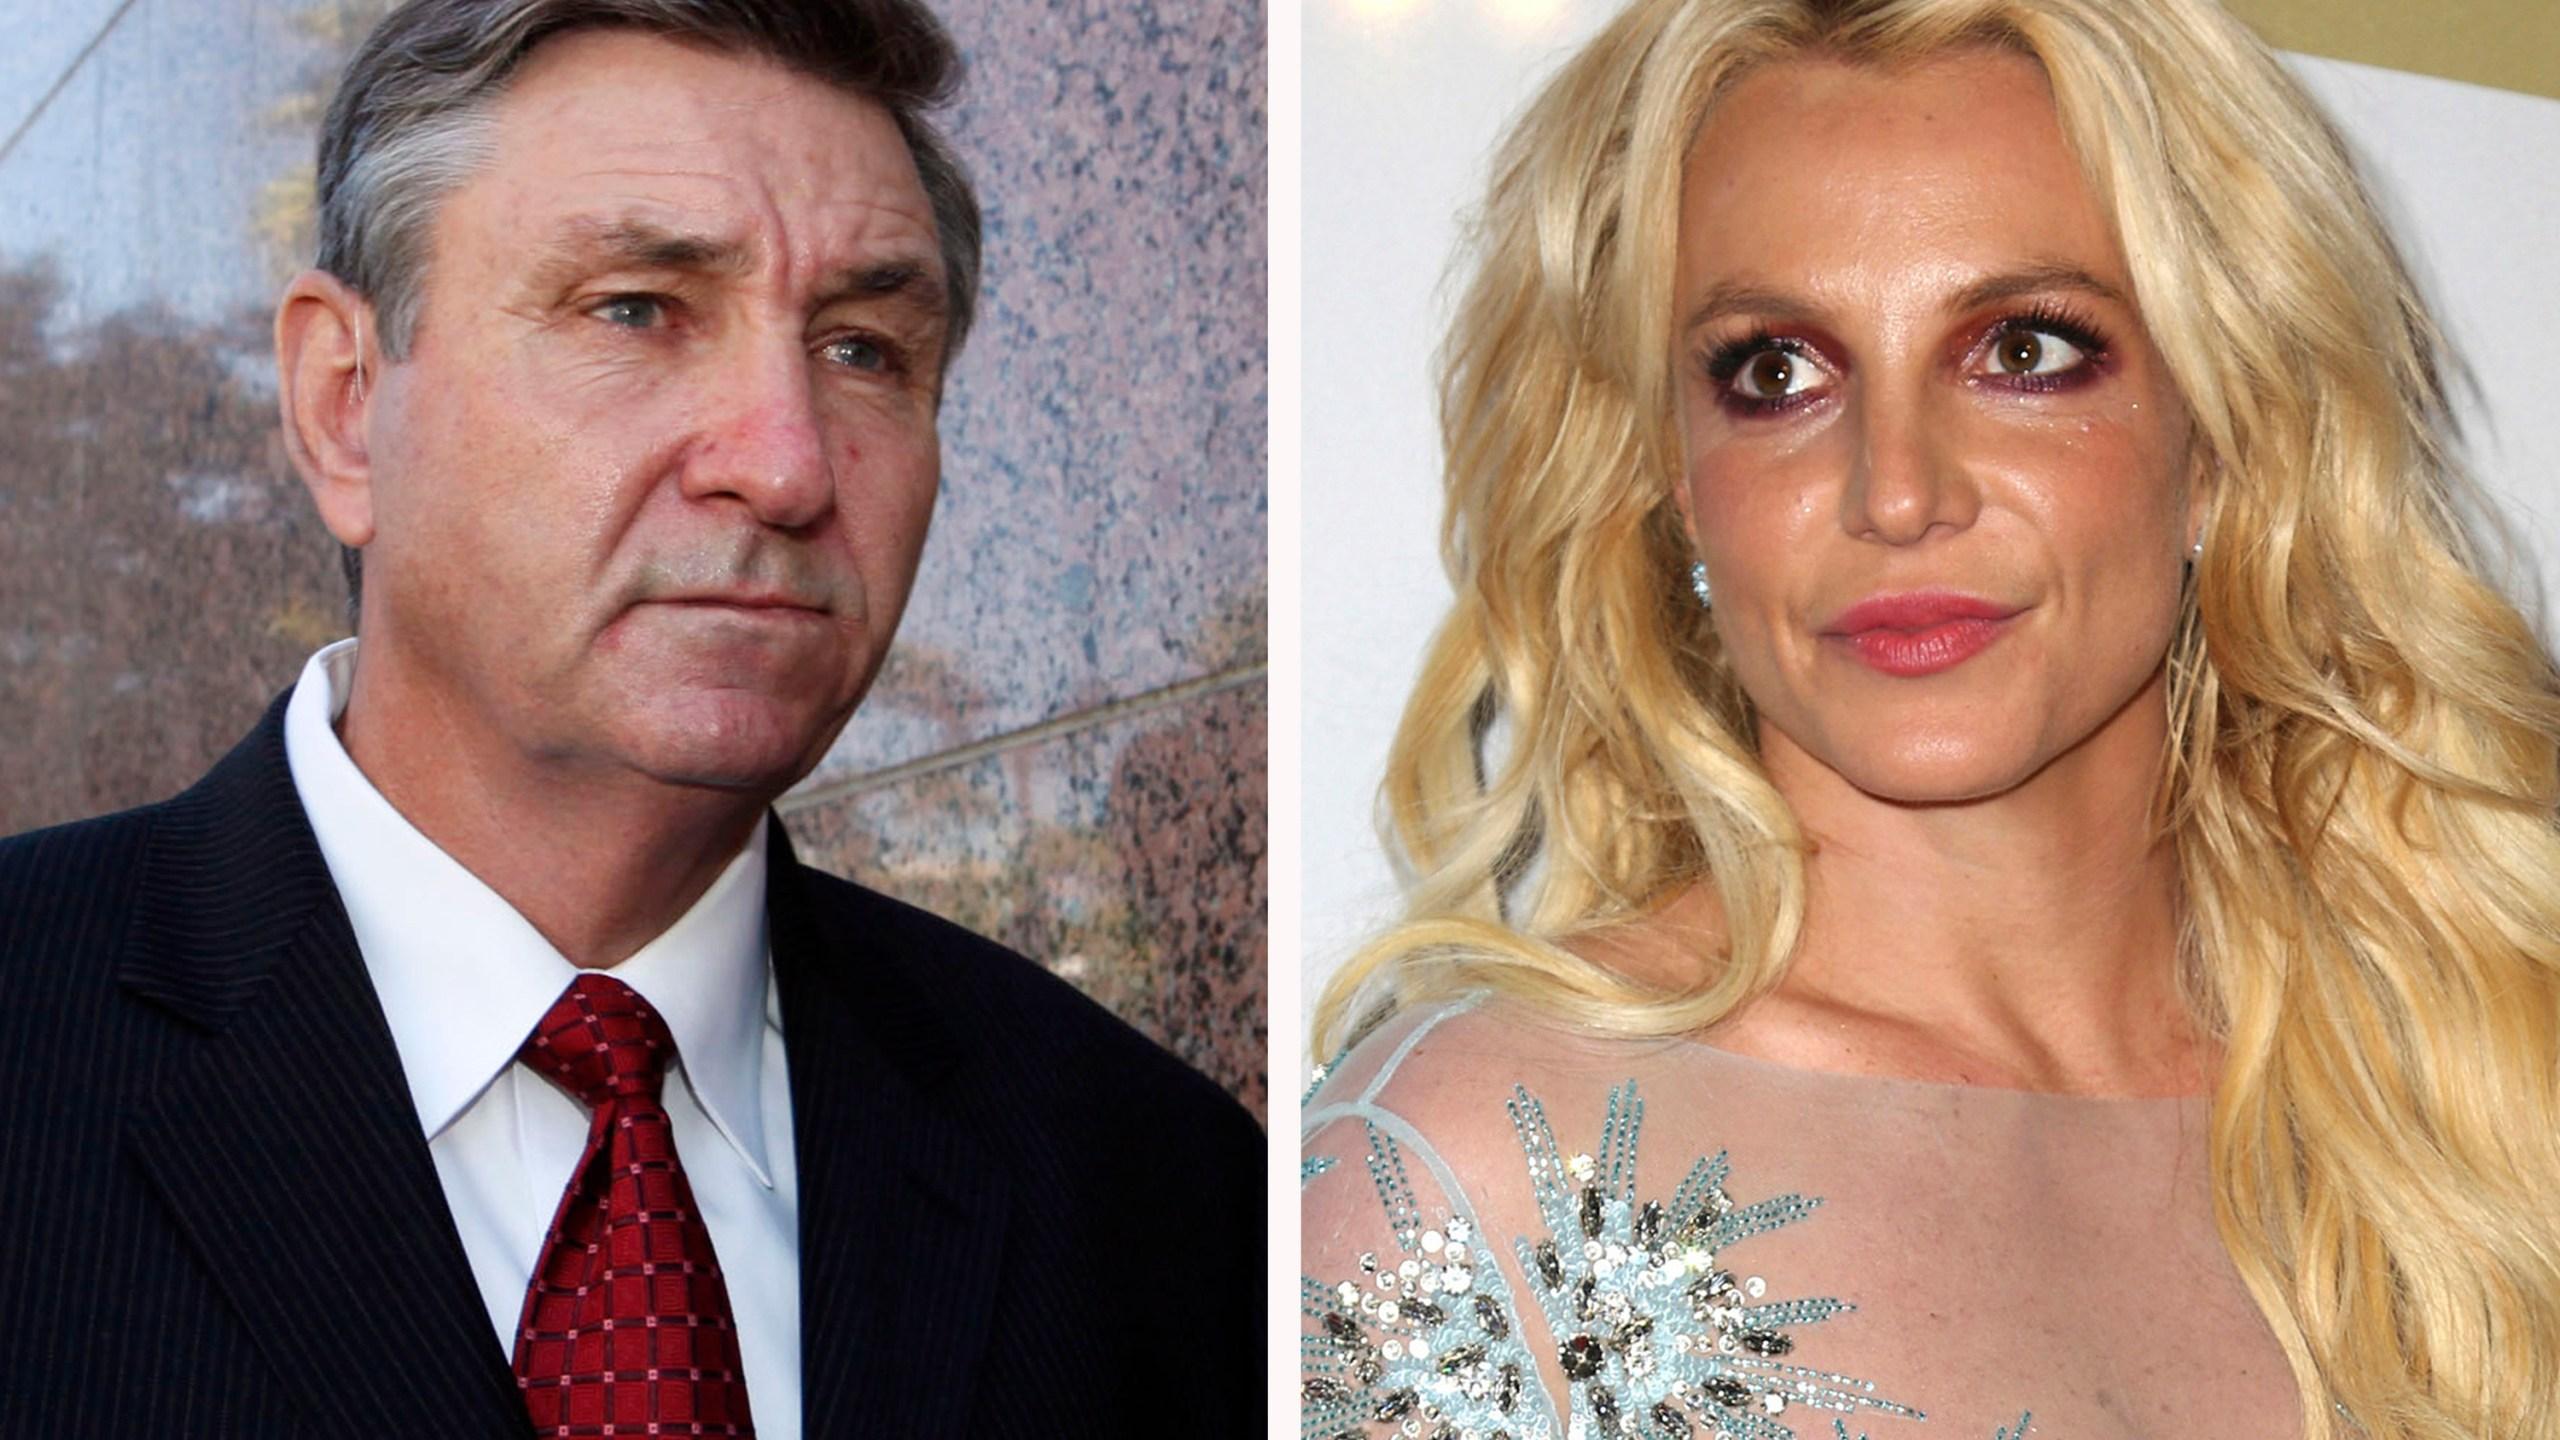 Jamie Spears, Britney Spears